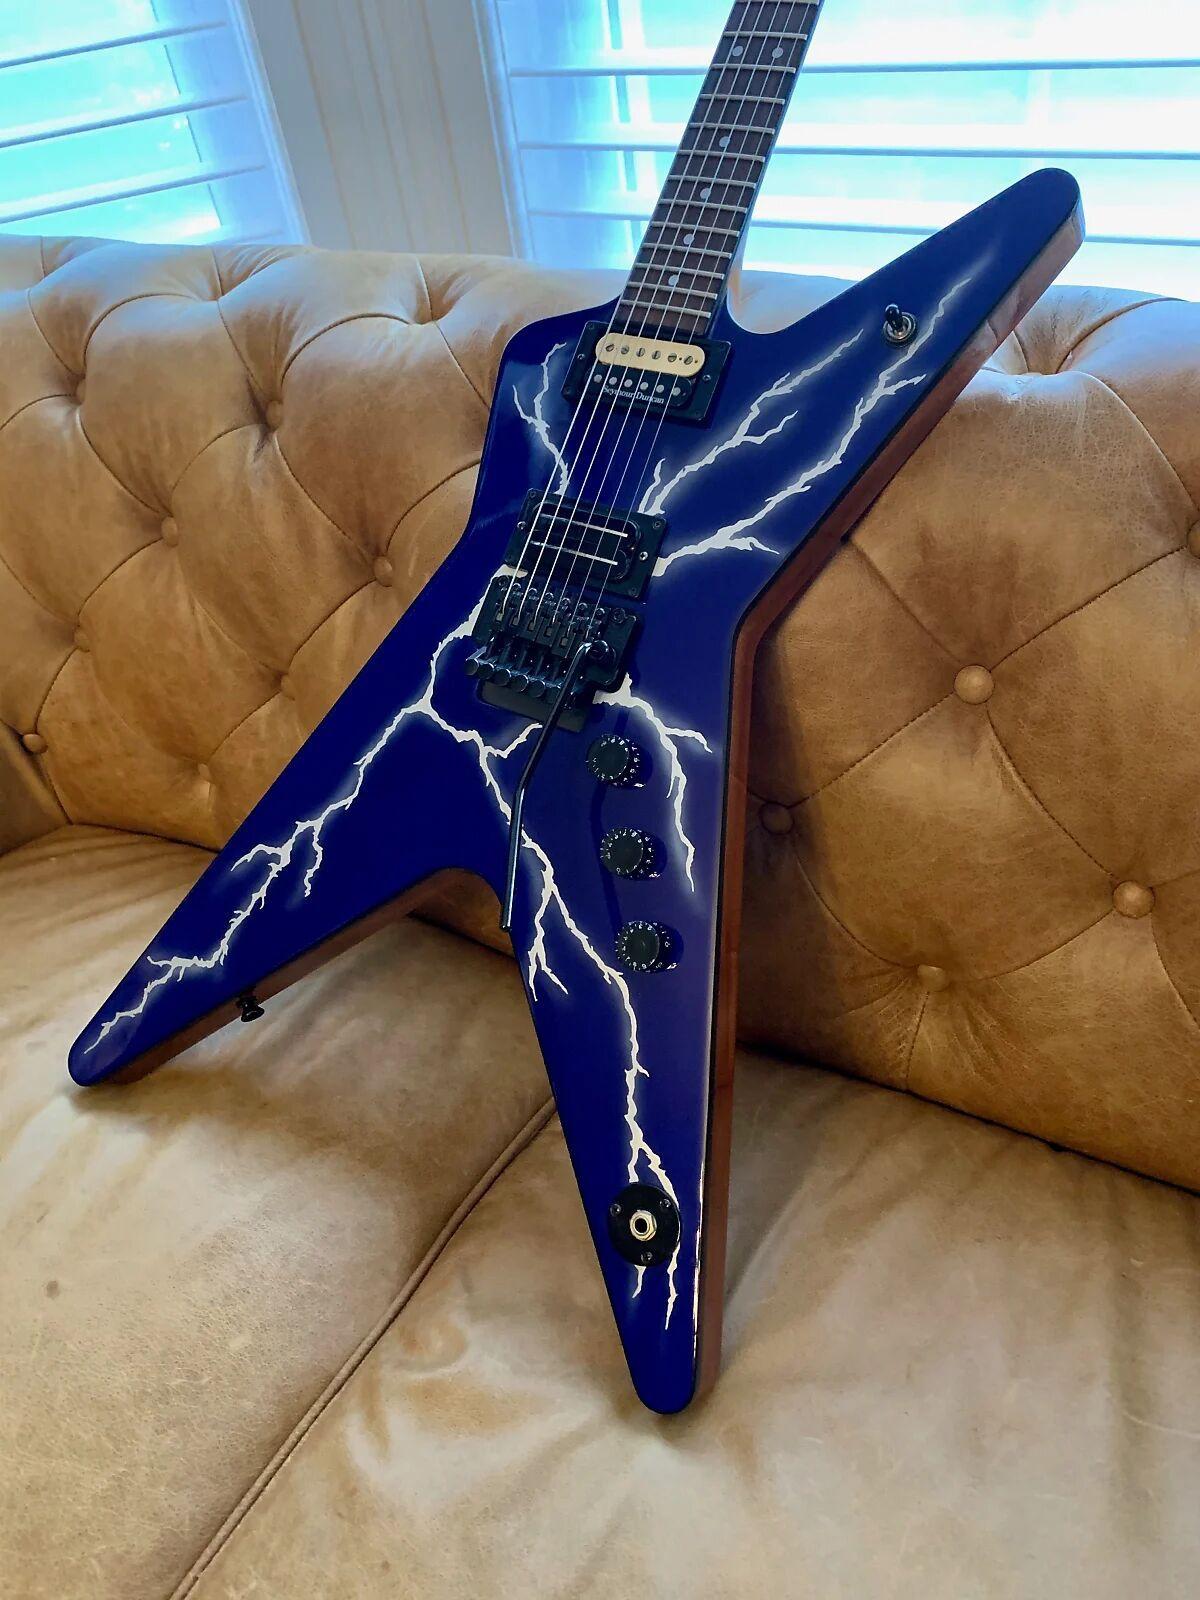 Высококачественная электрическая гитара, Dimebag Darrel, Dimebolt D3